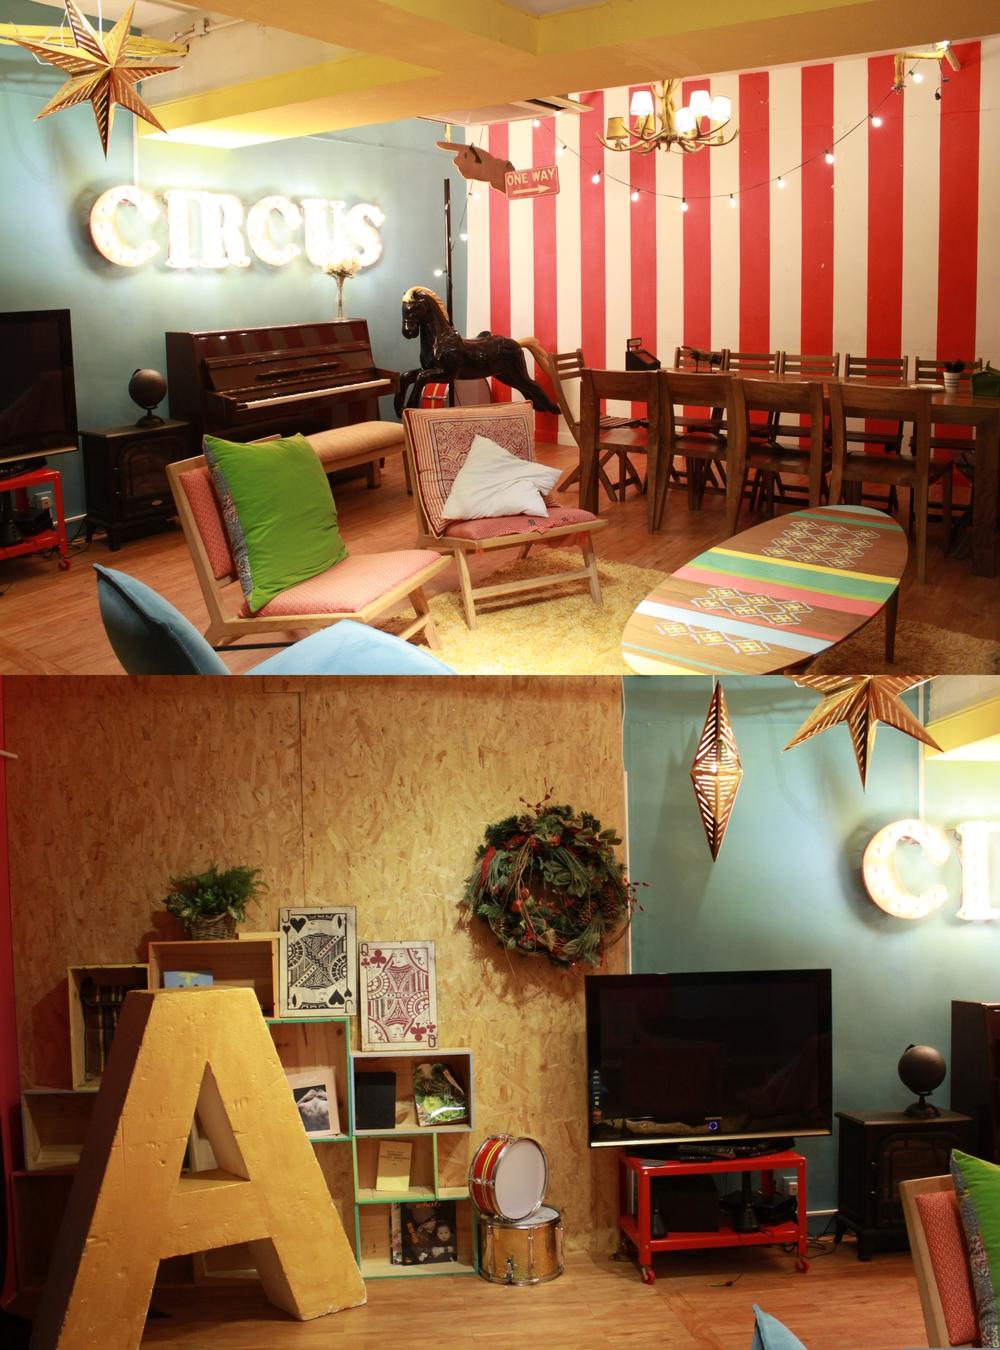 Venue:Hide n' Seek(Circus Room)